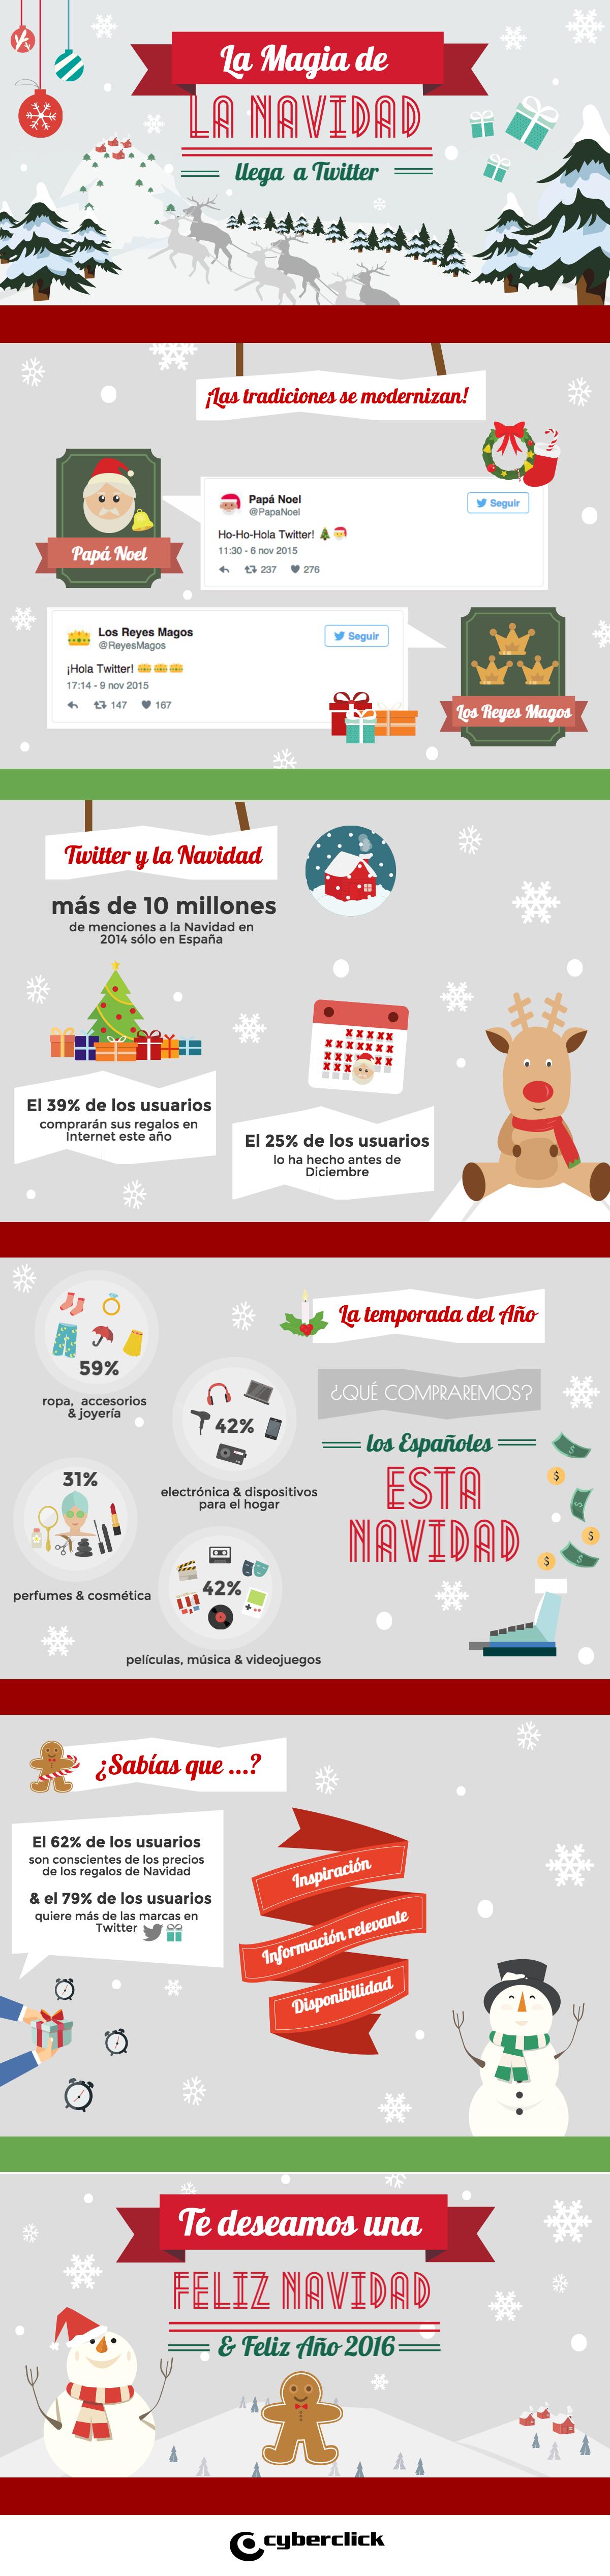 La magia de la Navidad llega a Twitter Descubre con esta infografía qué se compra online